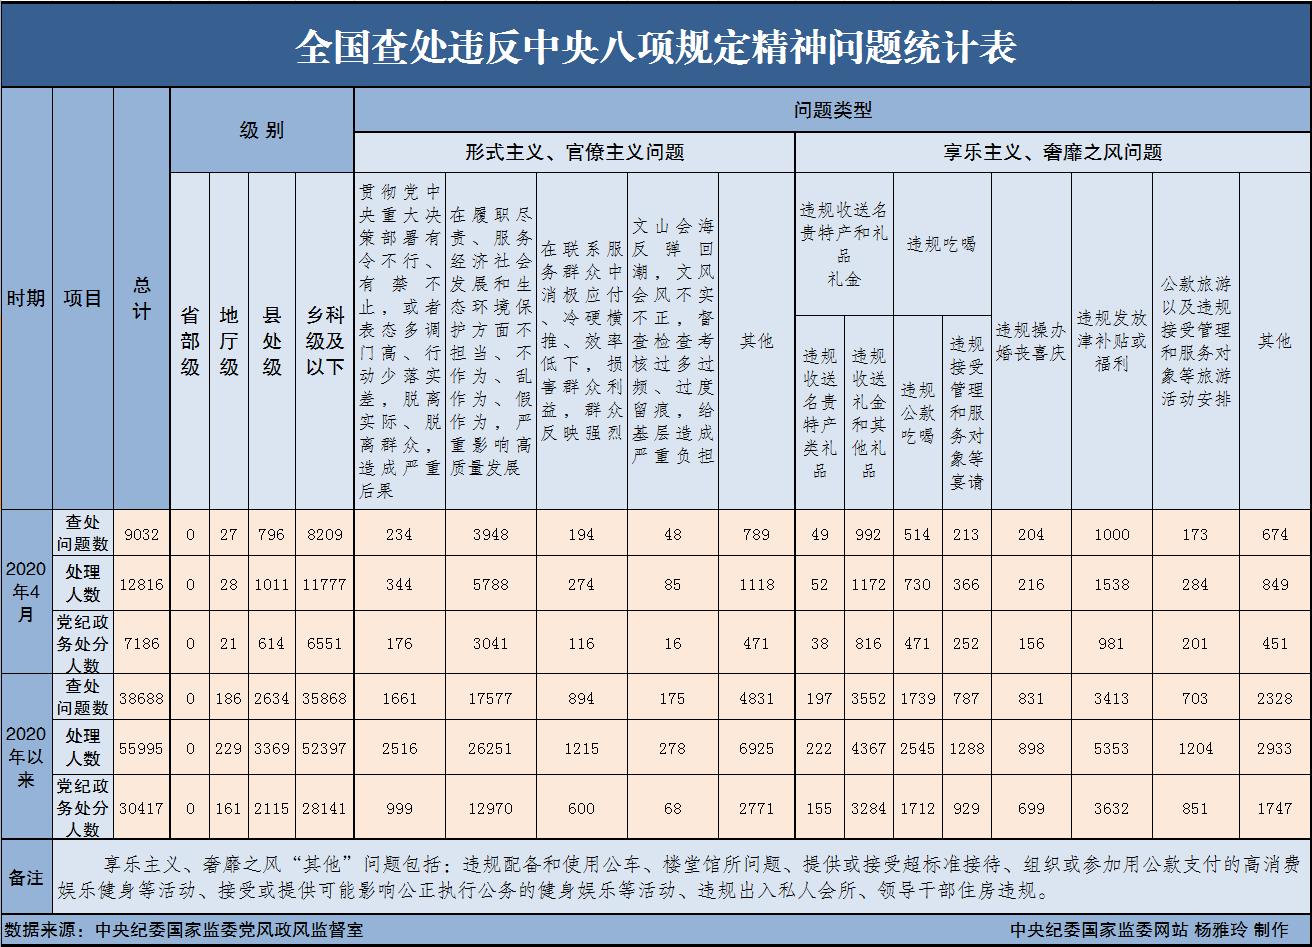 中纪委:2020年4月全国查处违反中央八项规定精神问题9032起